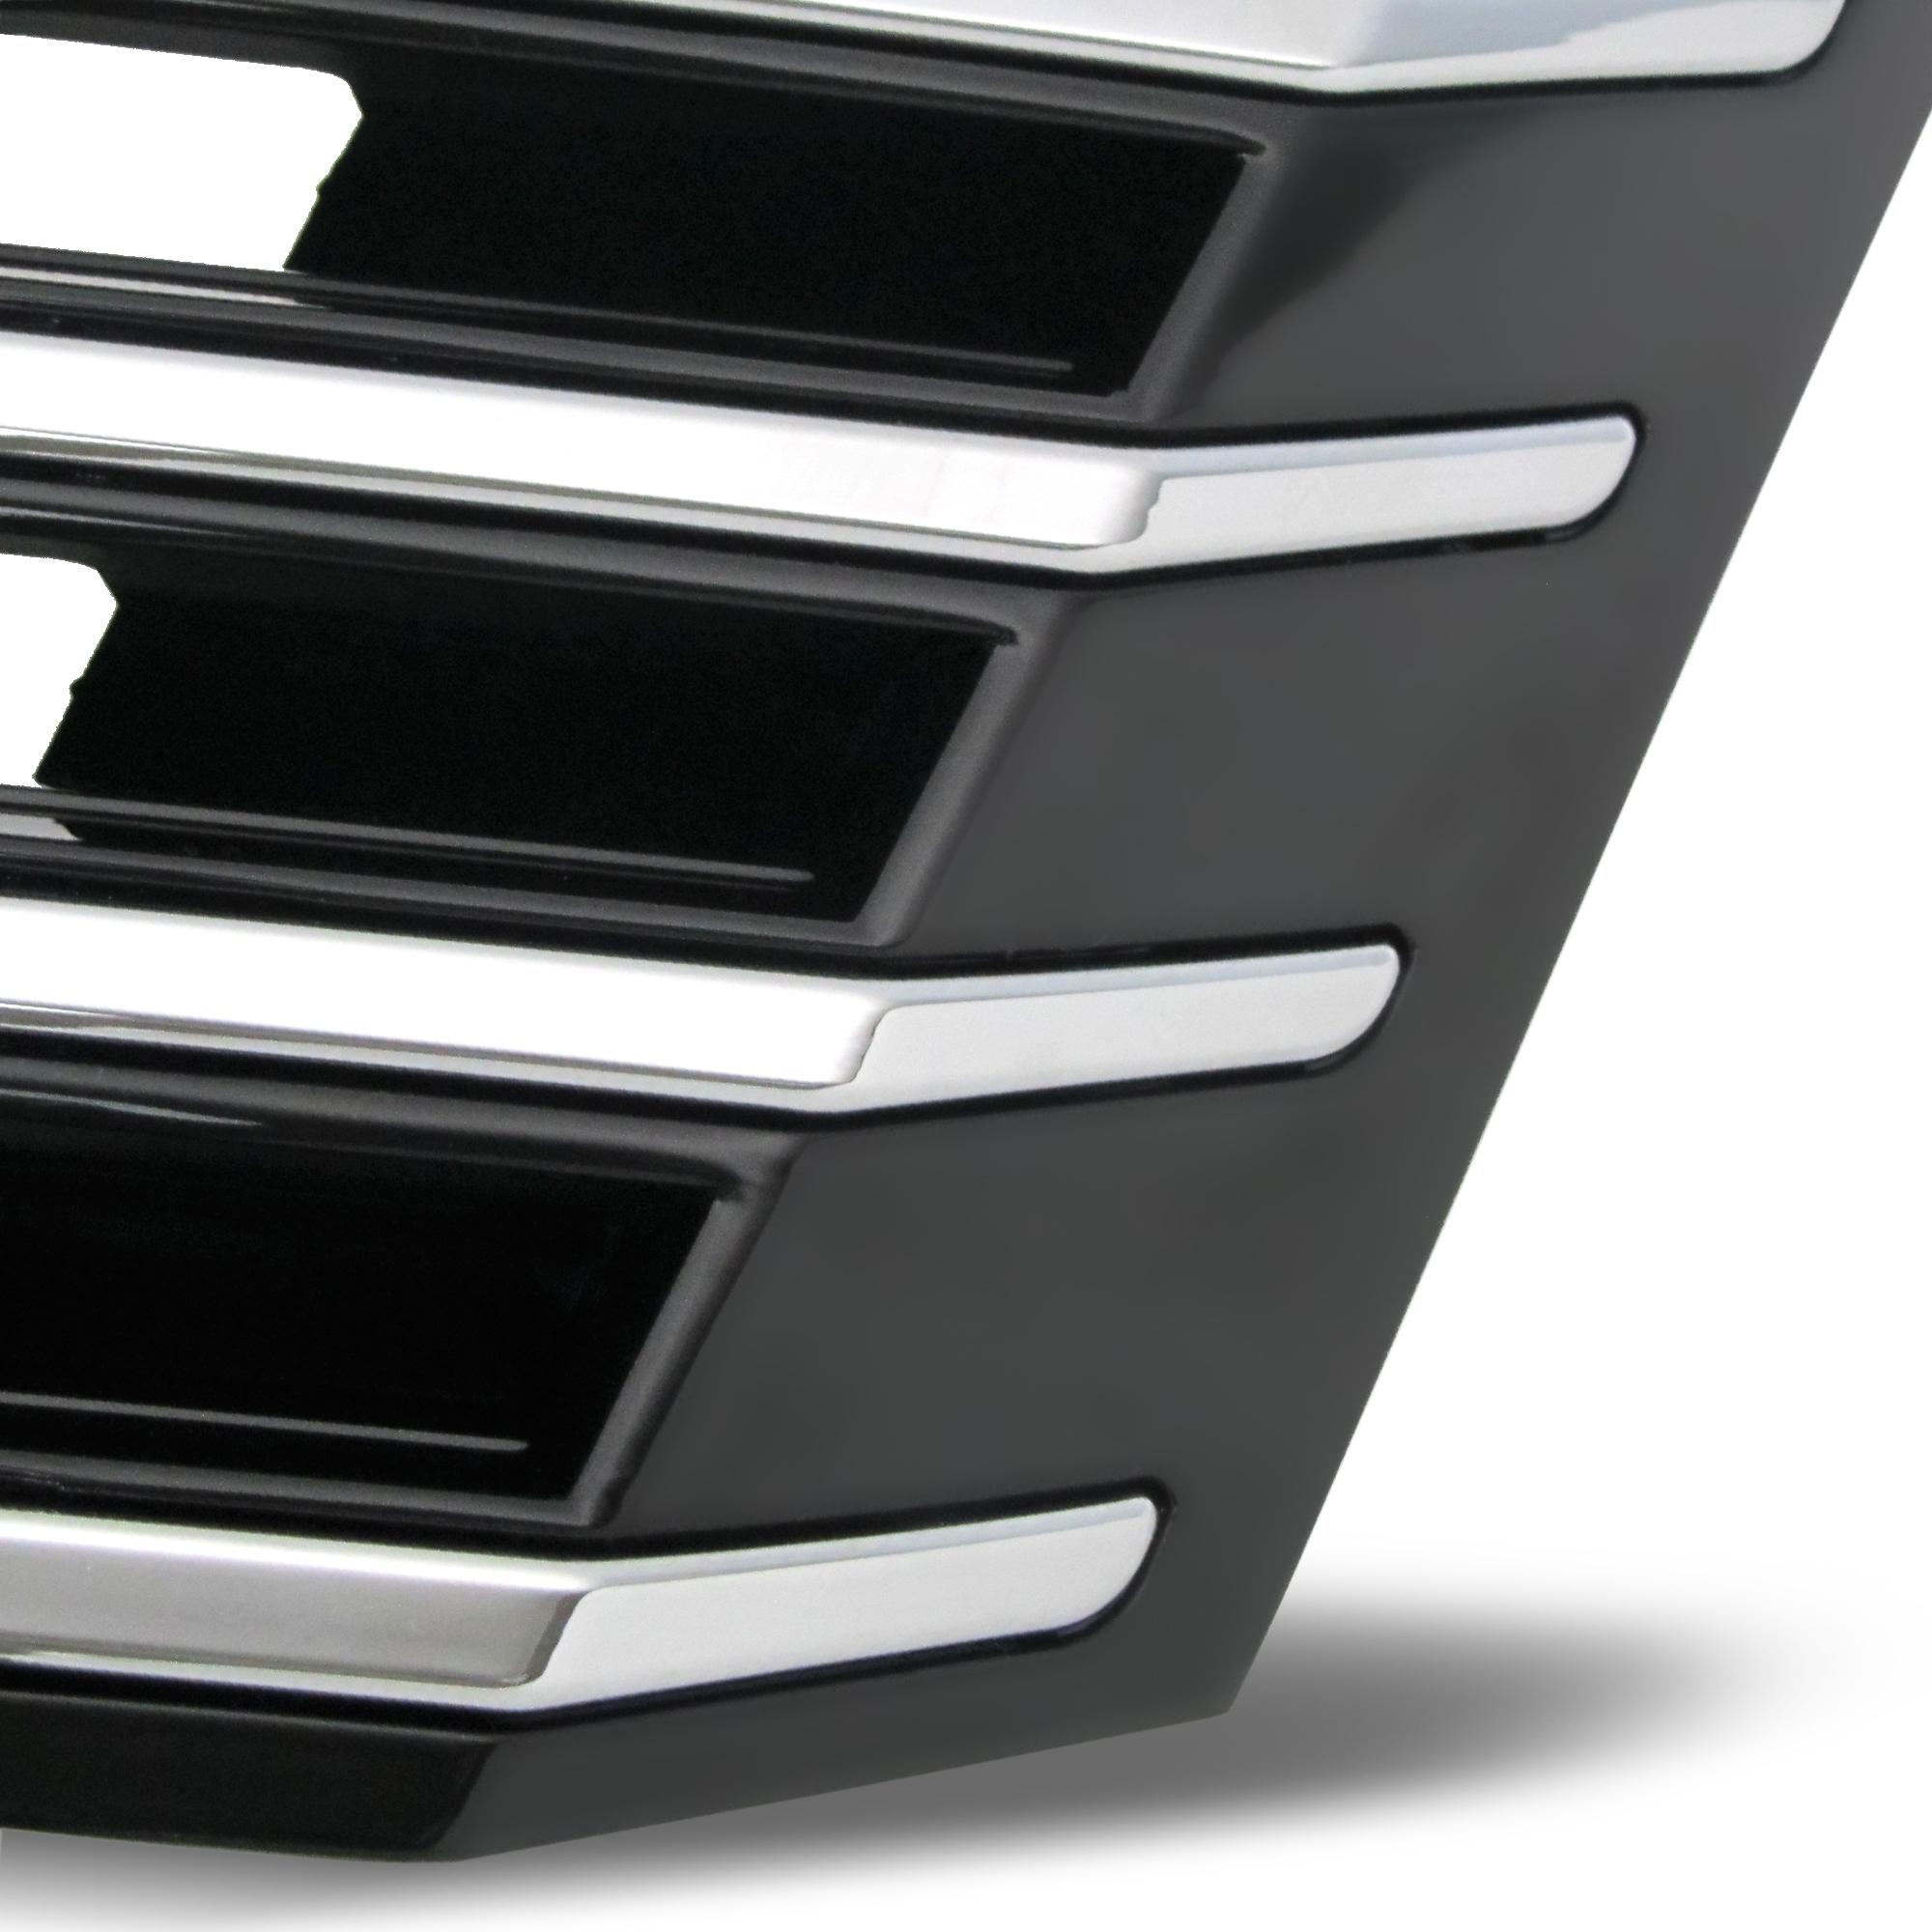 k hlergrill ohne emblem hochglanz schwarz mit chromleisten passend f r vw passat b7 typ 36 ab. Black Bedroom Furniture Sets. Home Design Ideas